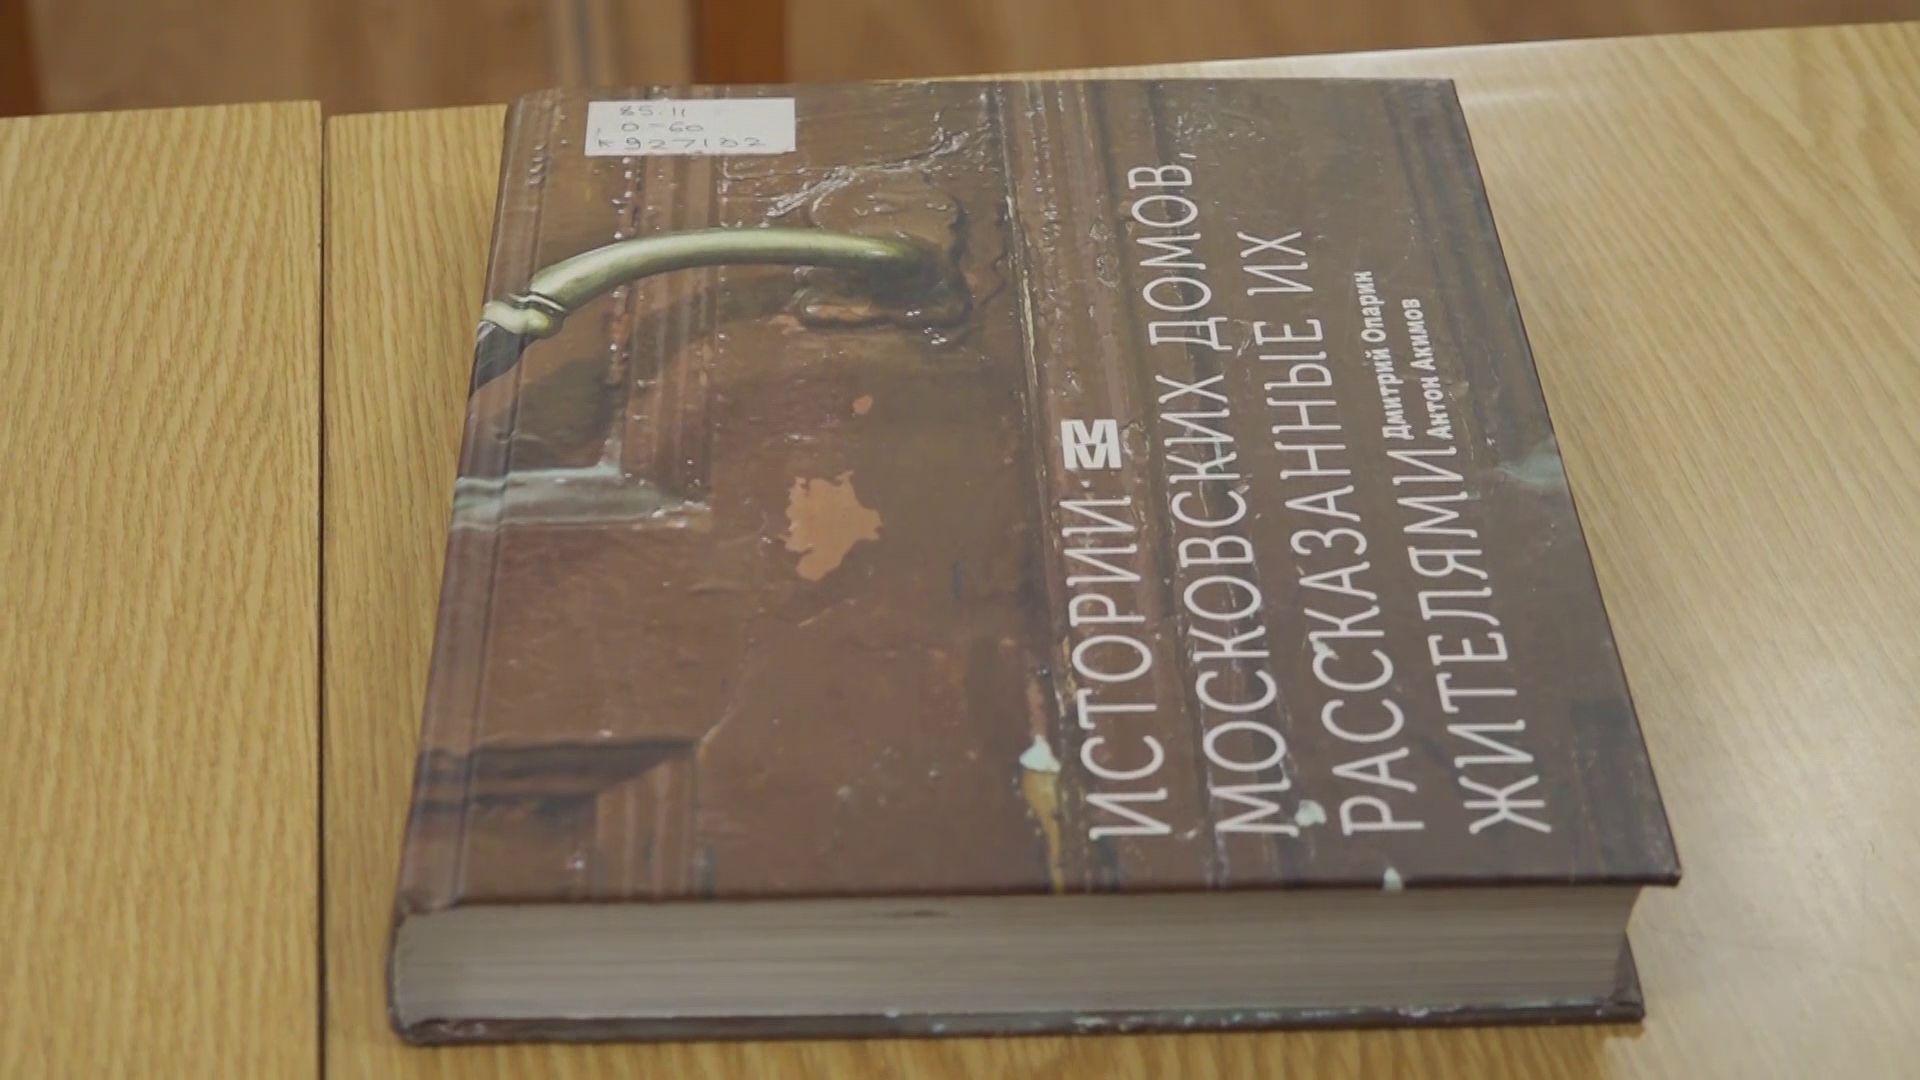 Утреннее шоу «Овсянка» от 27.11.20: читаем книги о Москве и общаемся с победительницей «Большой перемены»